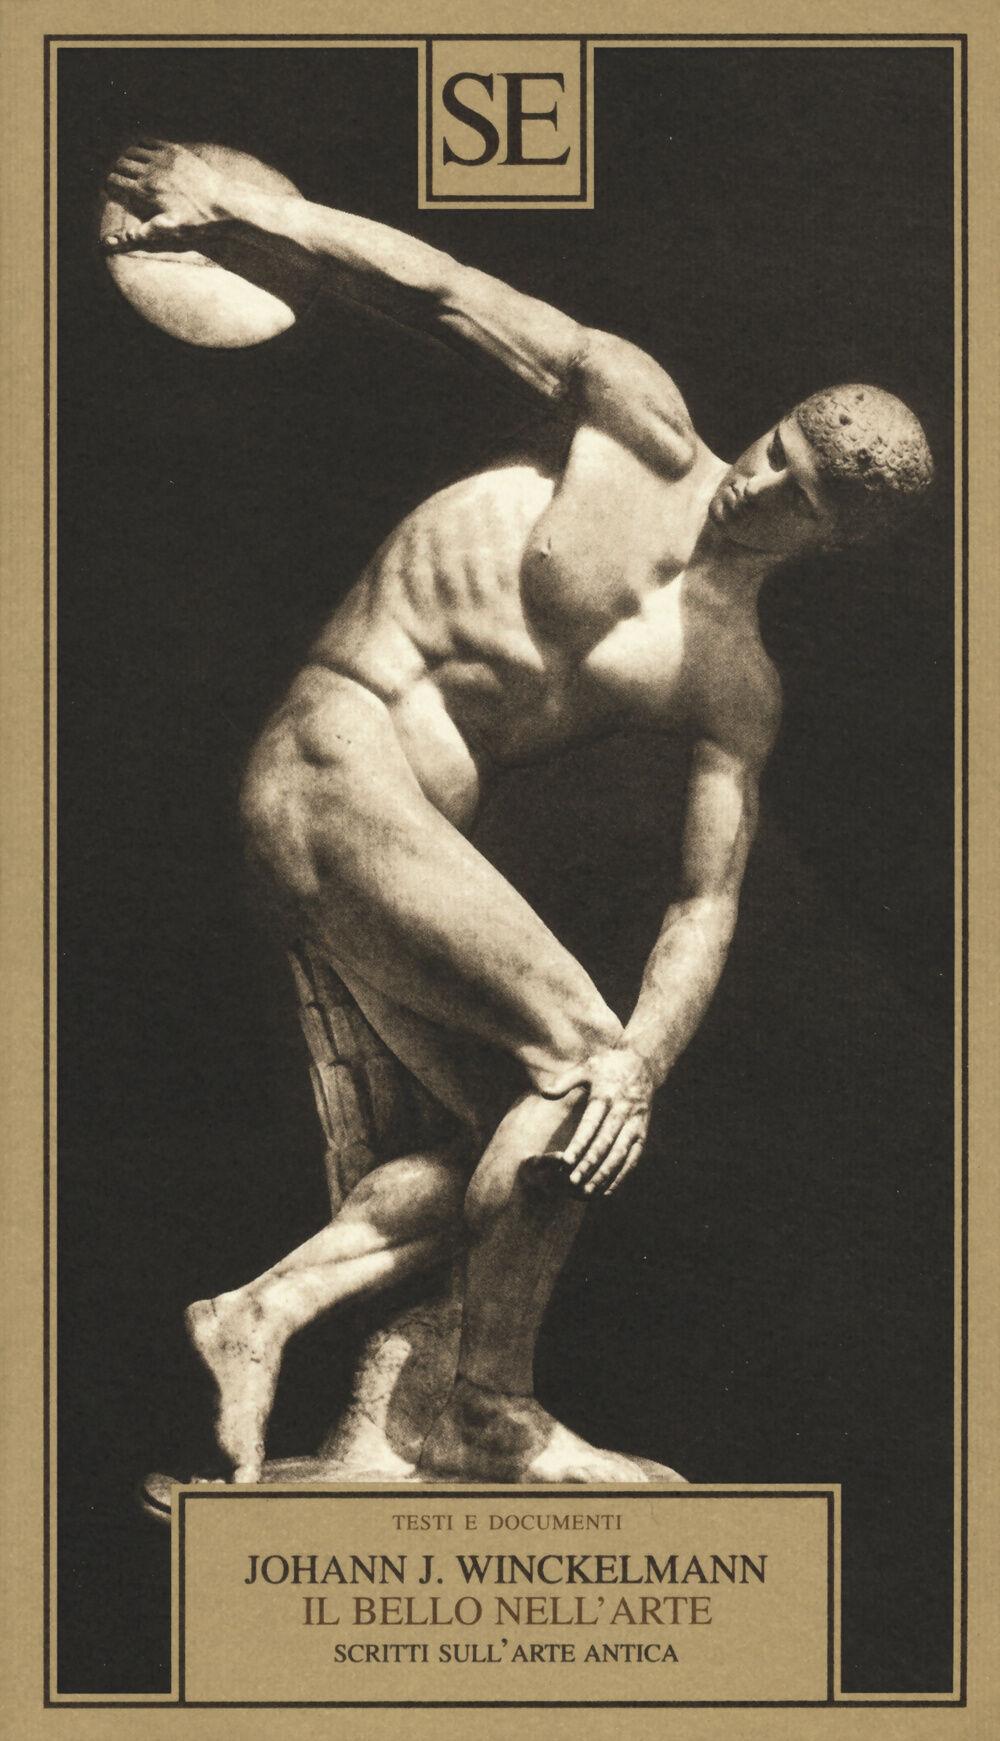 Il bello nell'arte. Scritti sull'arte antica